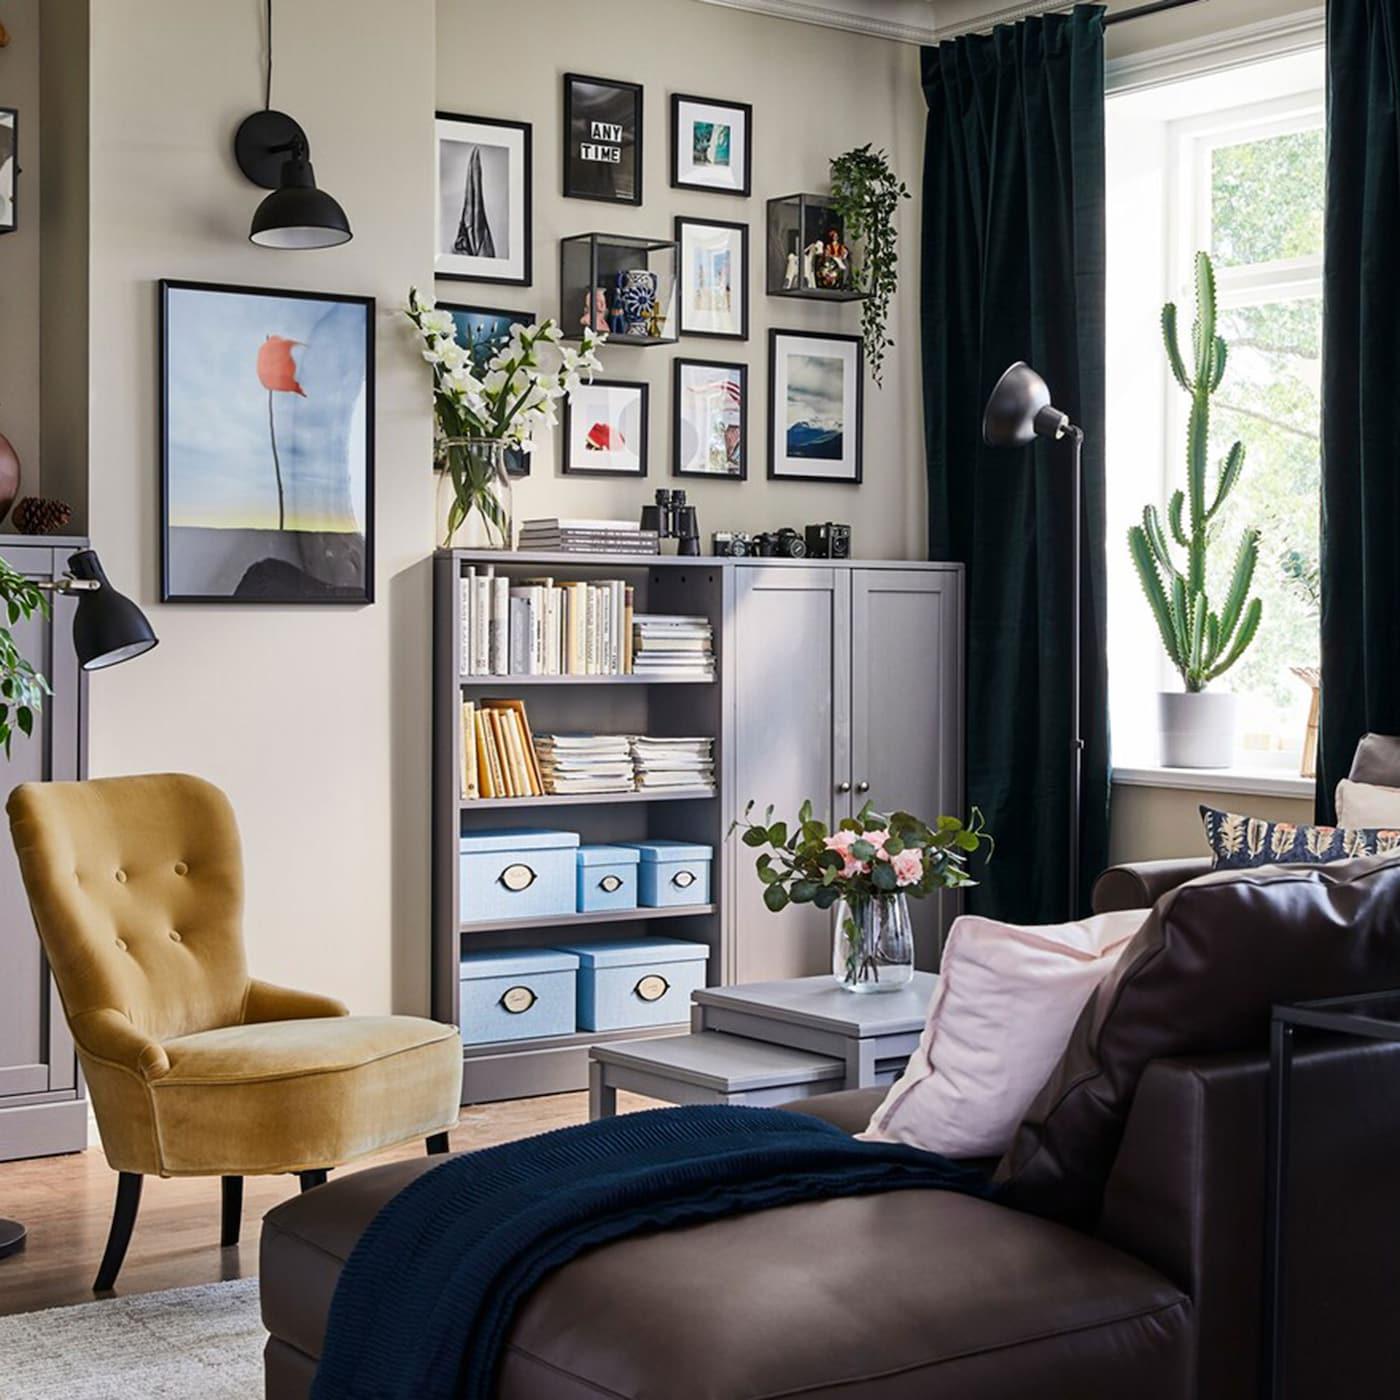 Dieser farbenfrohe kleine Wohnraum steckt voller KNOPPÄNG Rahmen in Schwarz, BARKHYTTAN Objektpräsenter und einer HAVSTA Aufbewahrungskombination in Grau, um all die vielen Reisesouvenirs und Erinnerungsstücke unterzubringen und zu präsentieren.